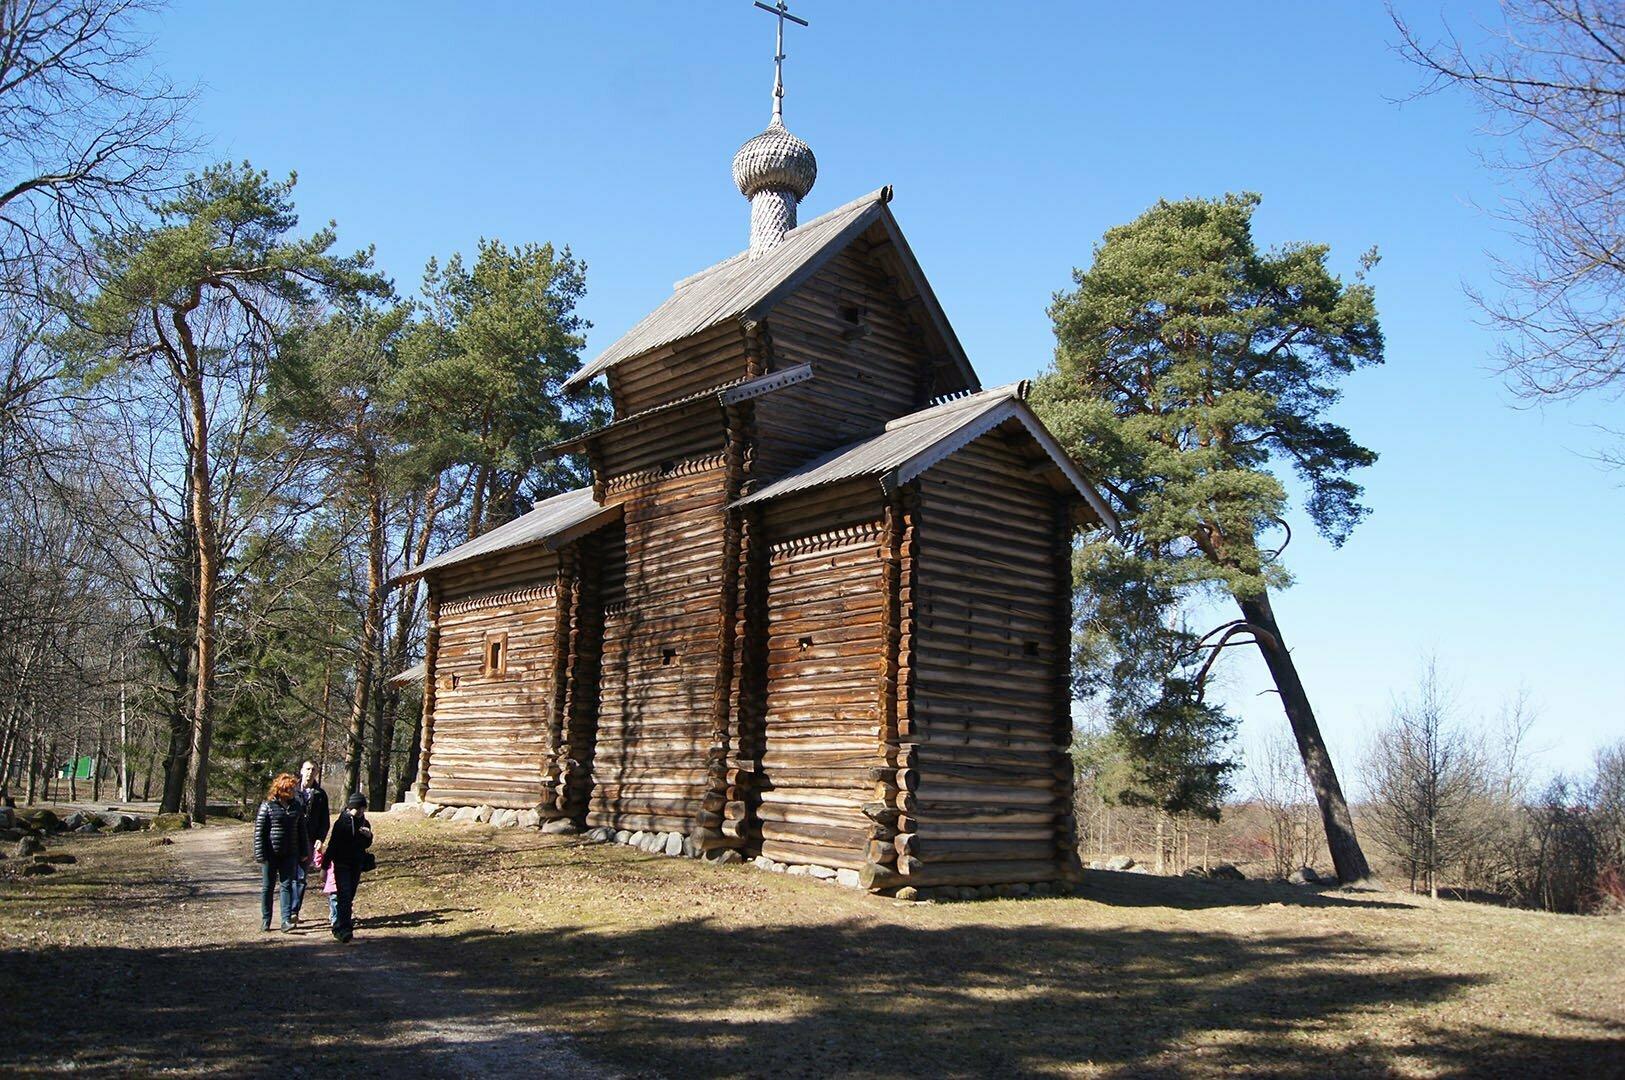 Никольская церковь (1688 г.) из деревни Тухоля Крестецкого района. Музей деревянного зодчества в В. Новгороде